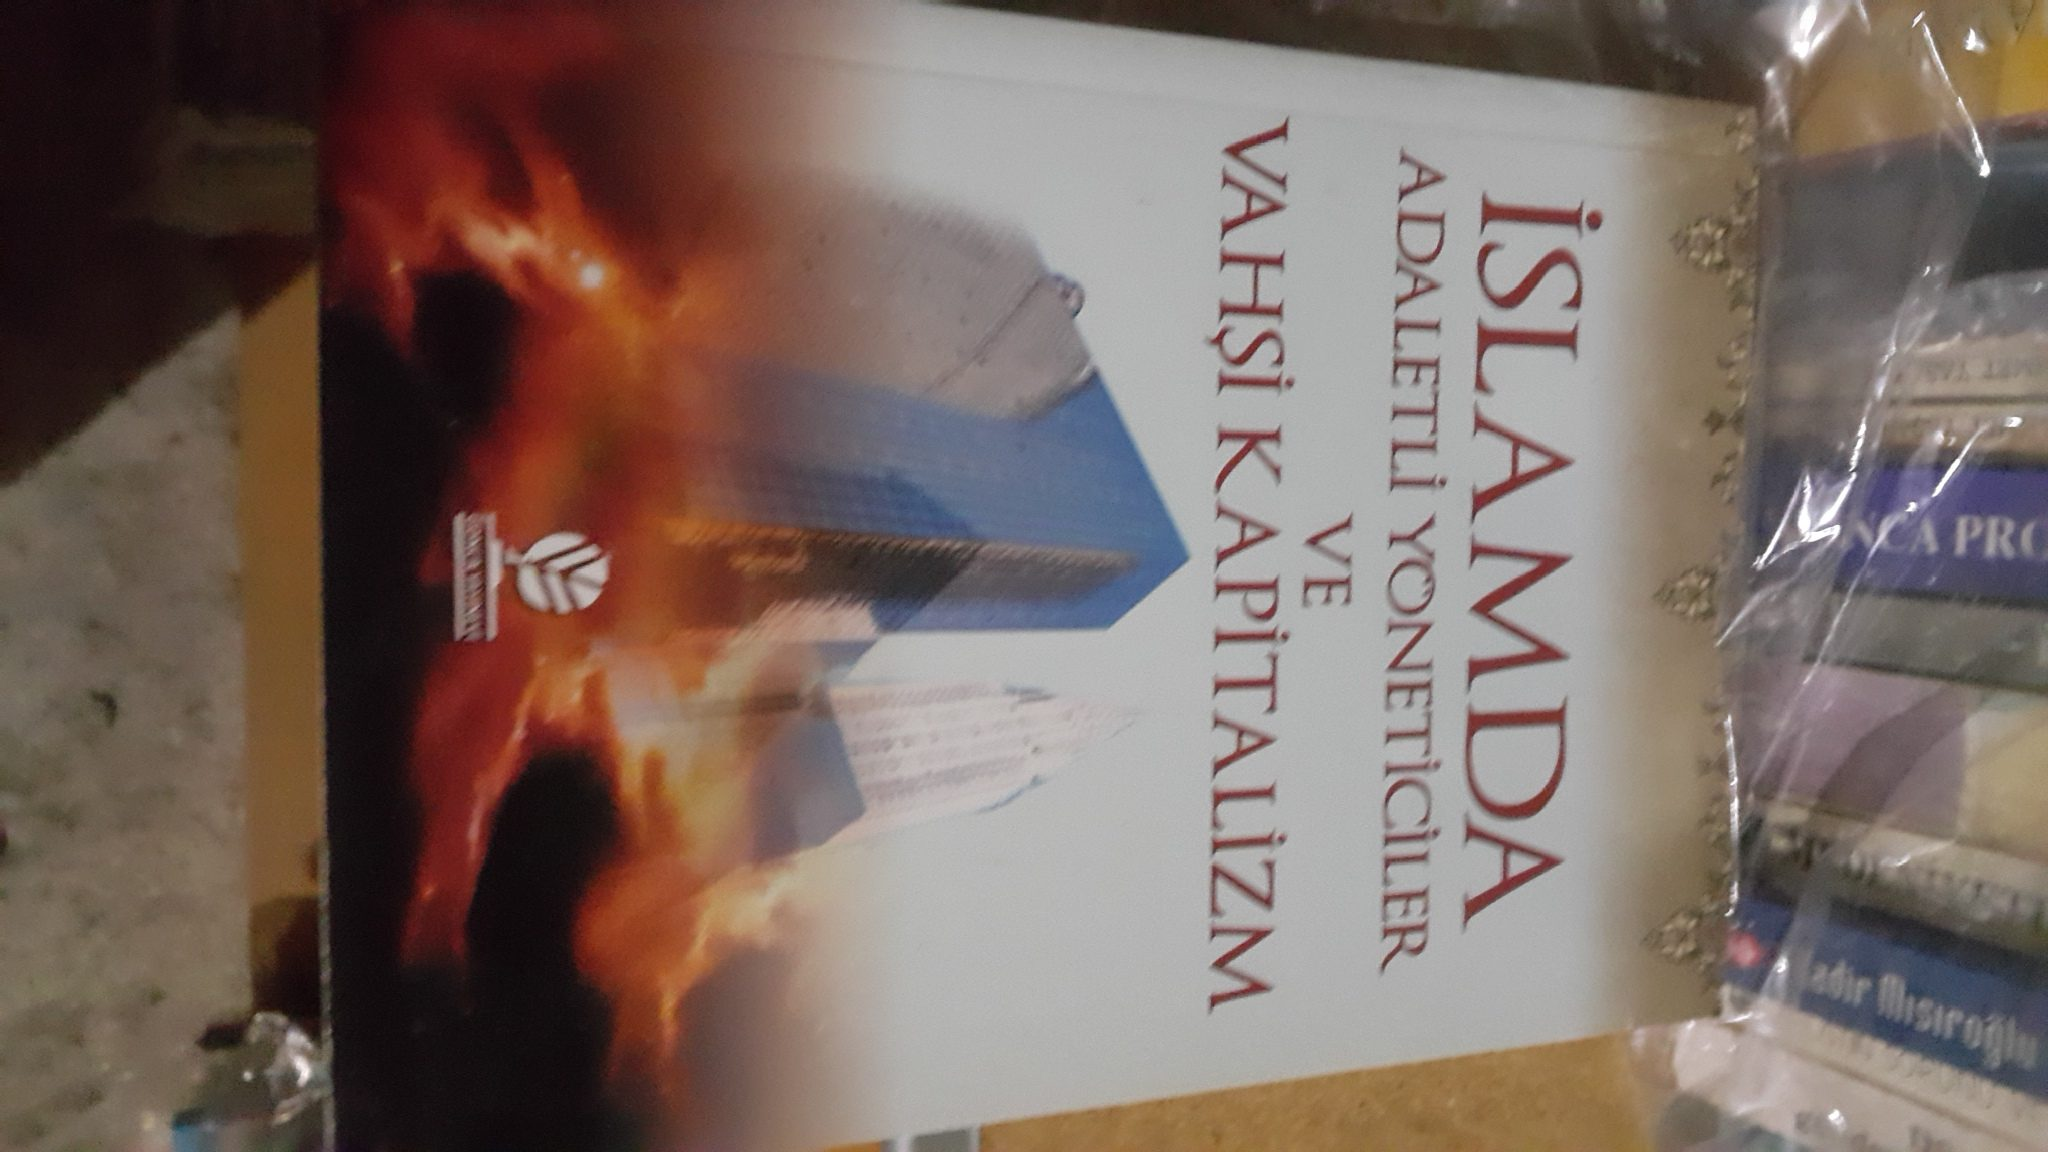 İSLAM'DA ADALETLİ YÖNETİCİLER VE VAHŞİ KAPITALİZM/Ebu Seyf ÇİFTÇİ